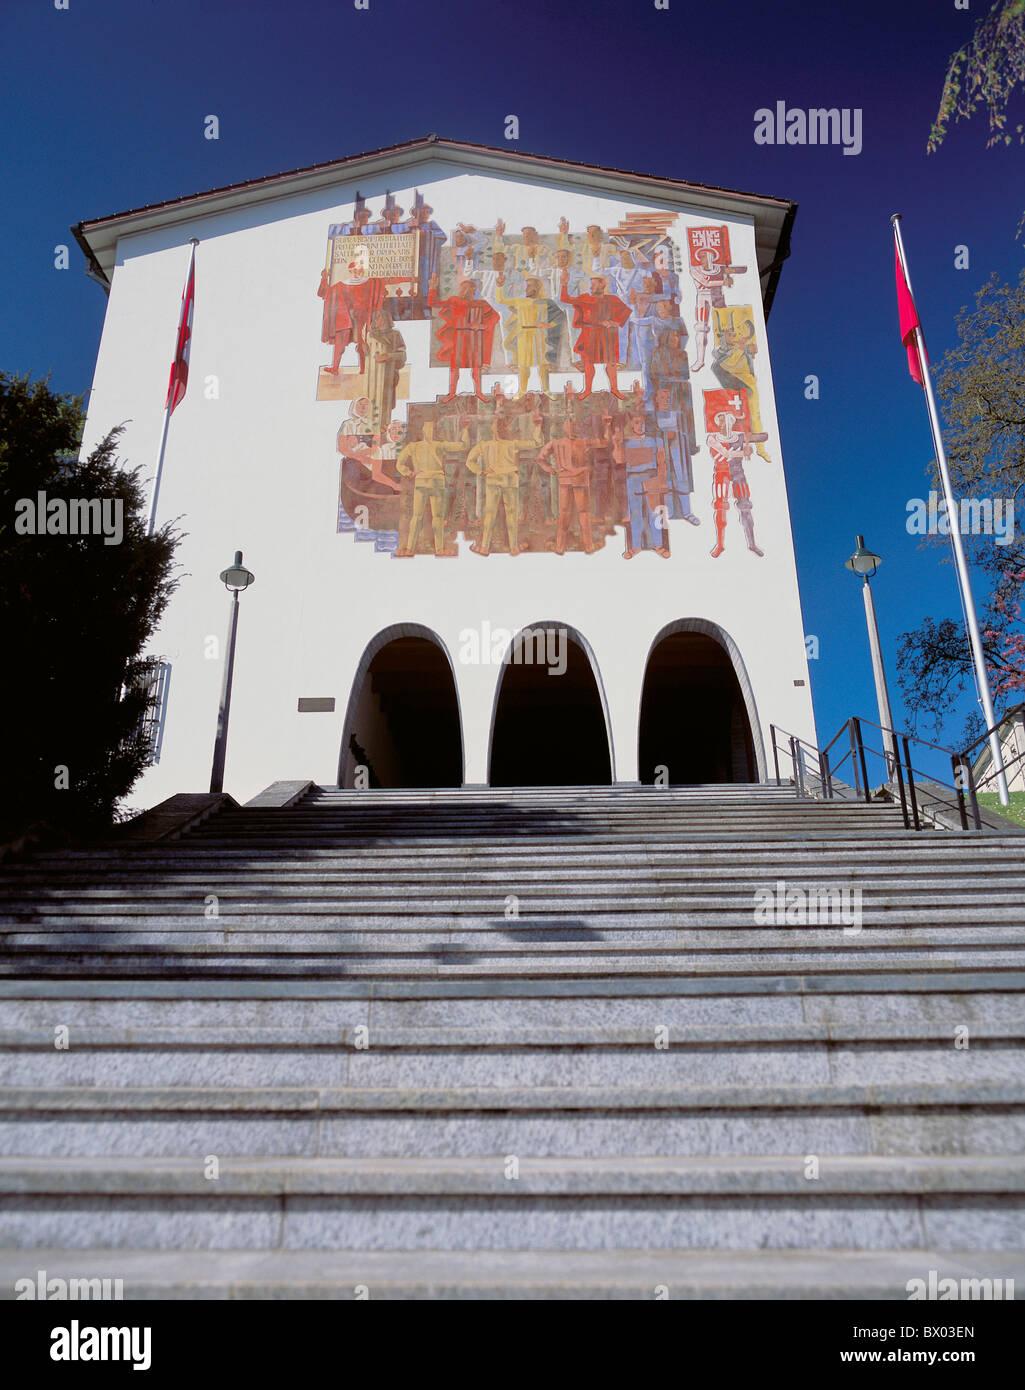 Europa svizzera Svitto lettera federale museo facciata vernici stair Immagini Stock